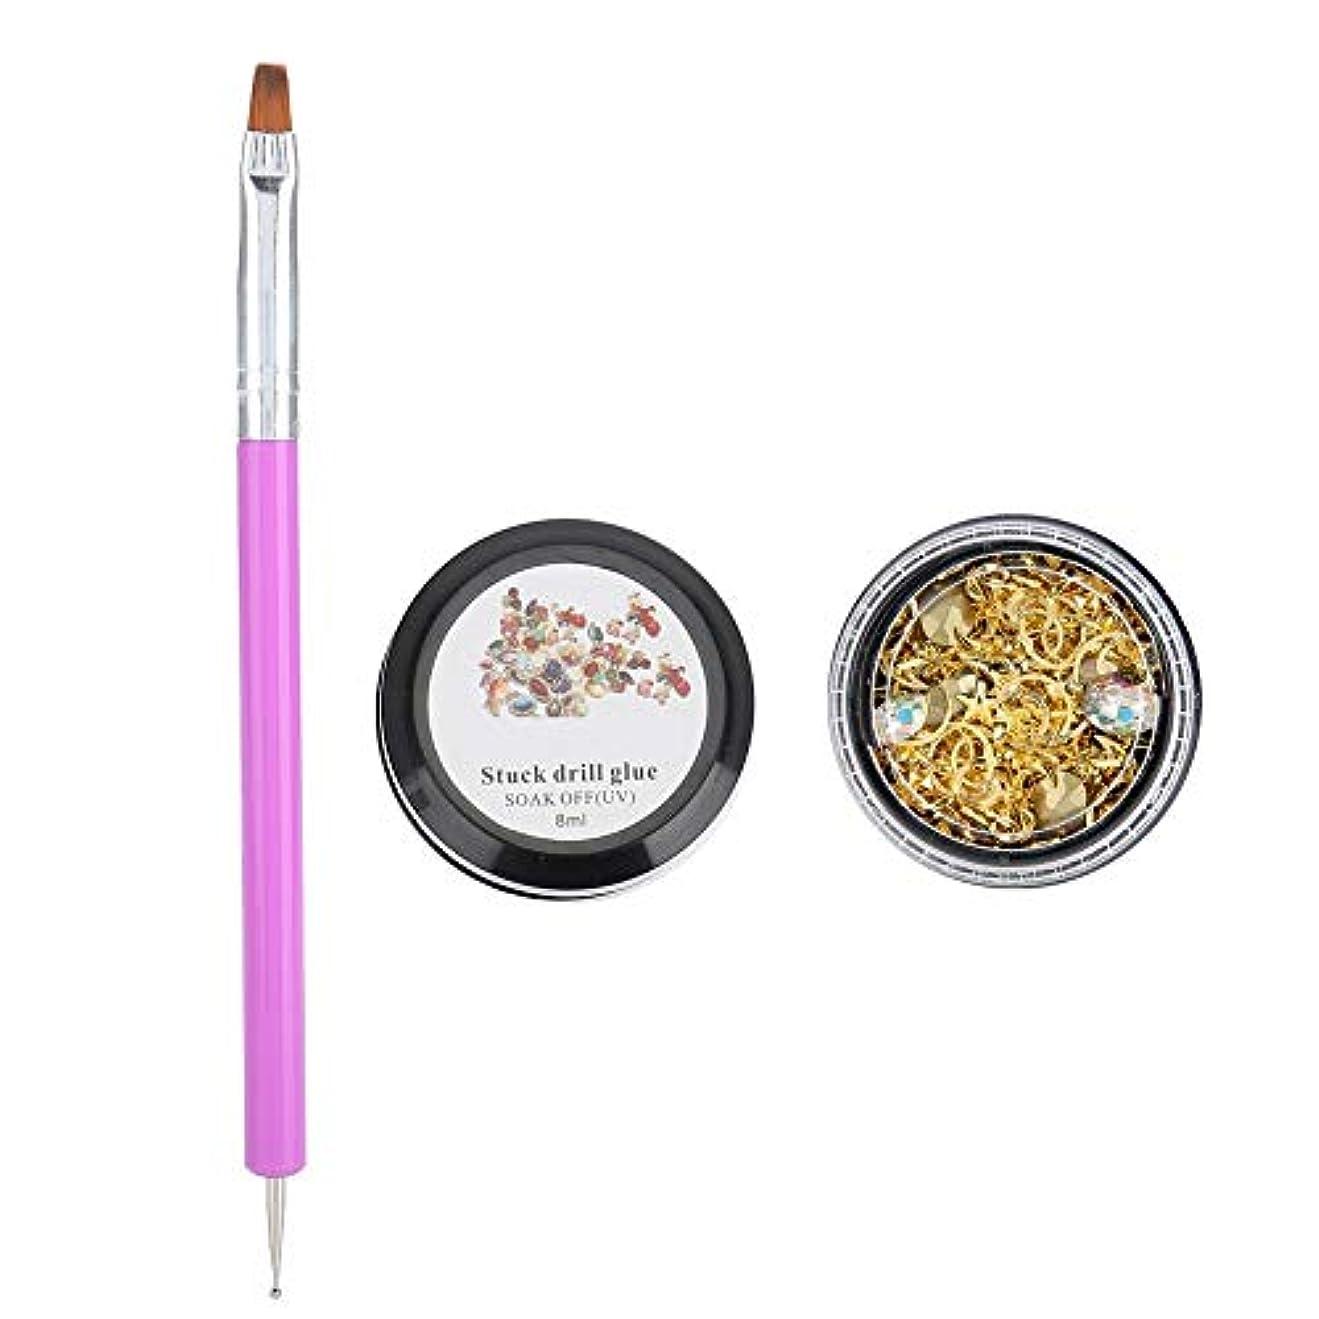 執着レザー損傷美しい ネイルアート 装飾リベットラインストーンスタッド ネイルアートペン 3種類 多目的 接着剤 マニキュアツール(01)